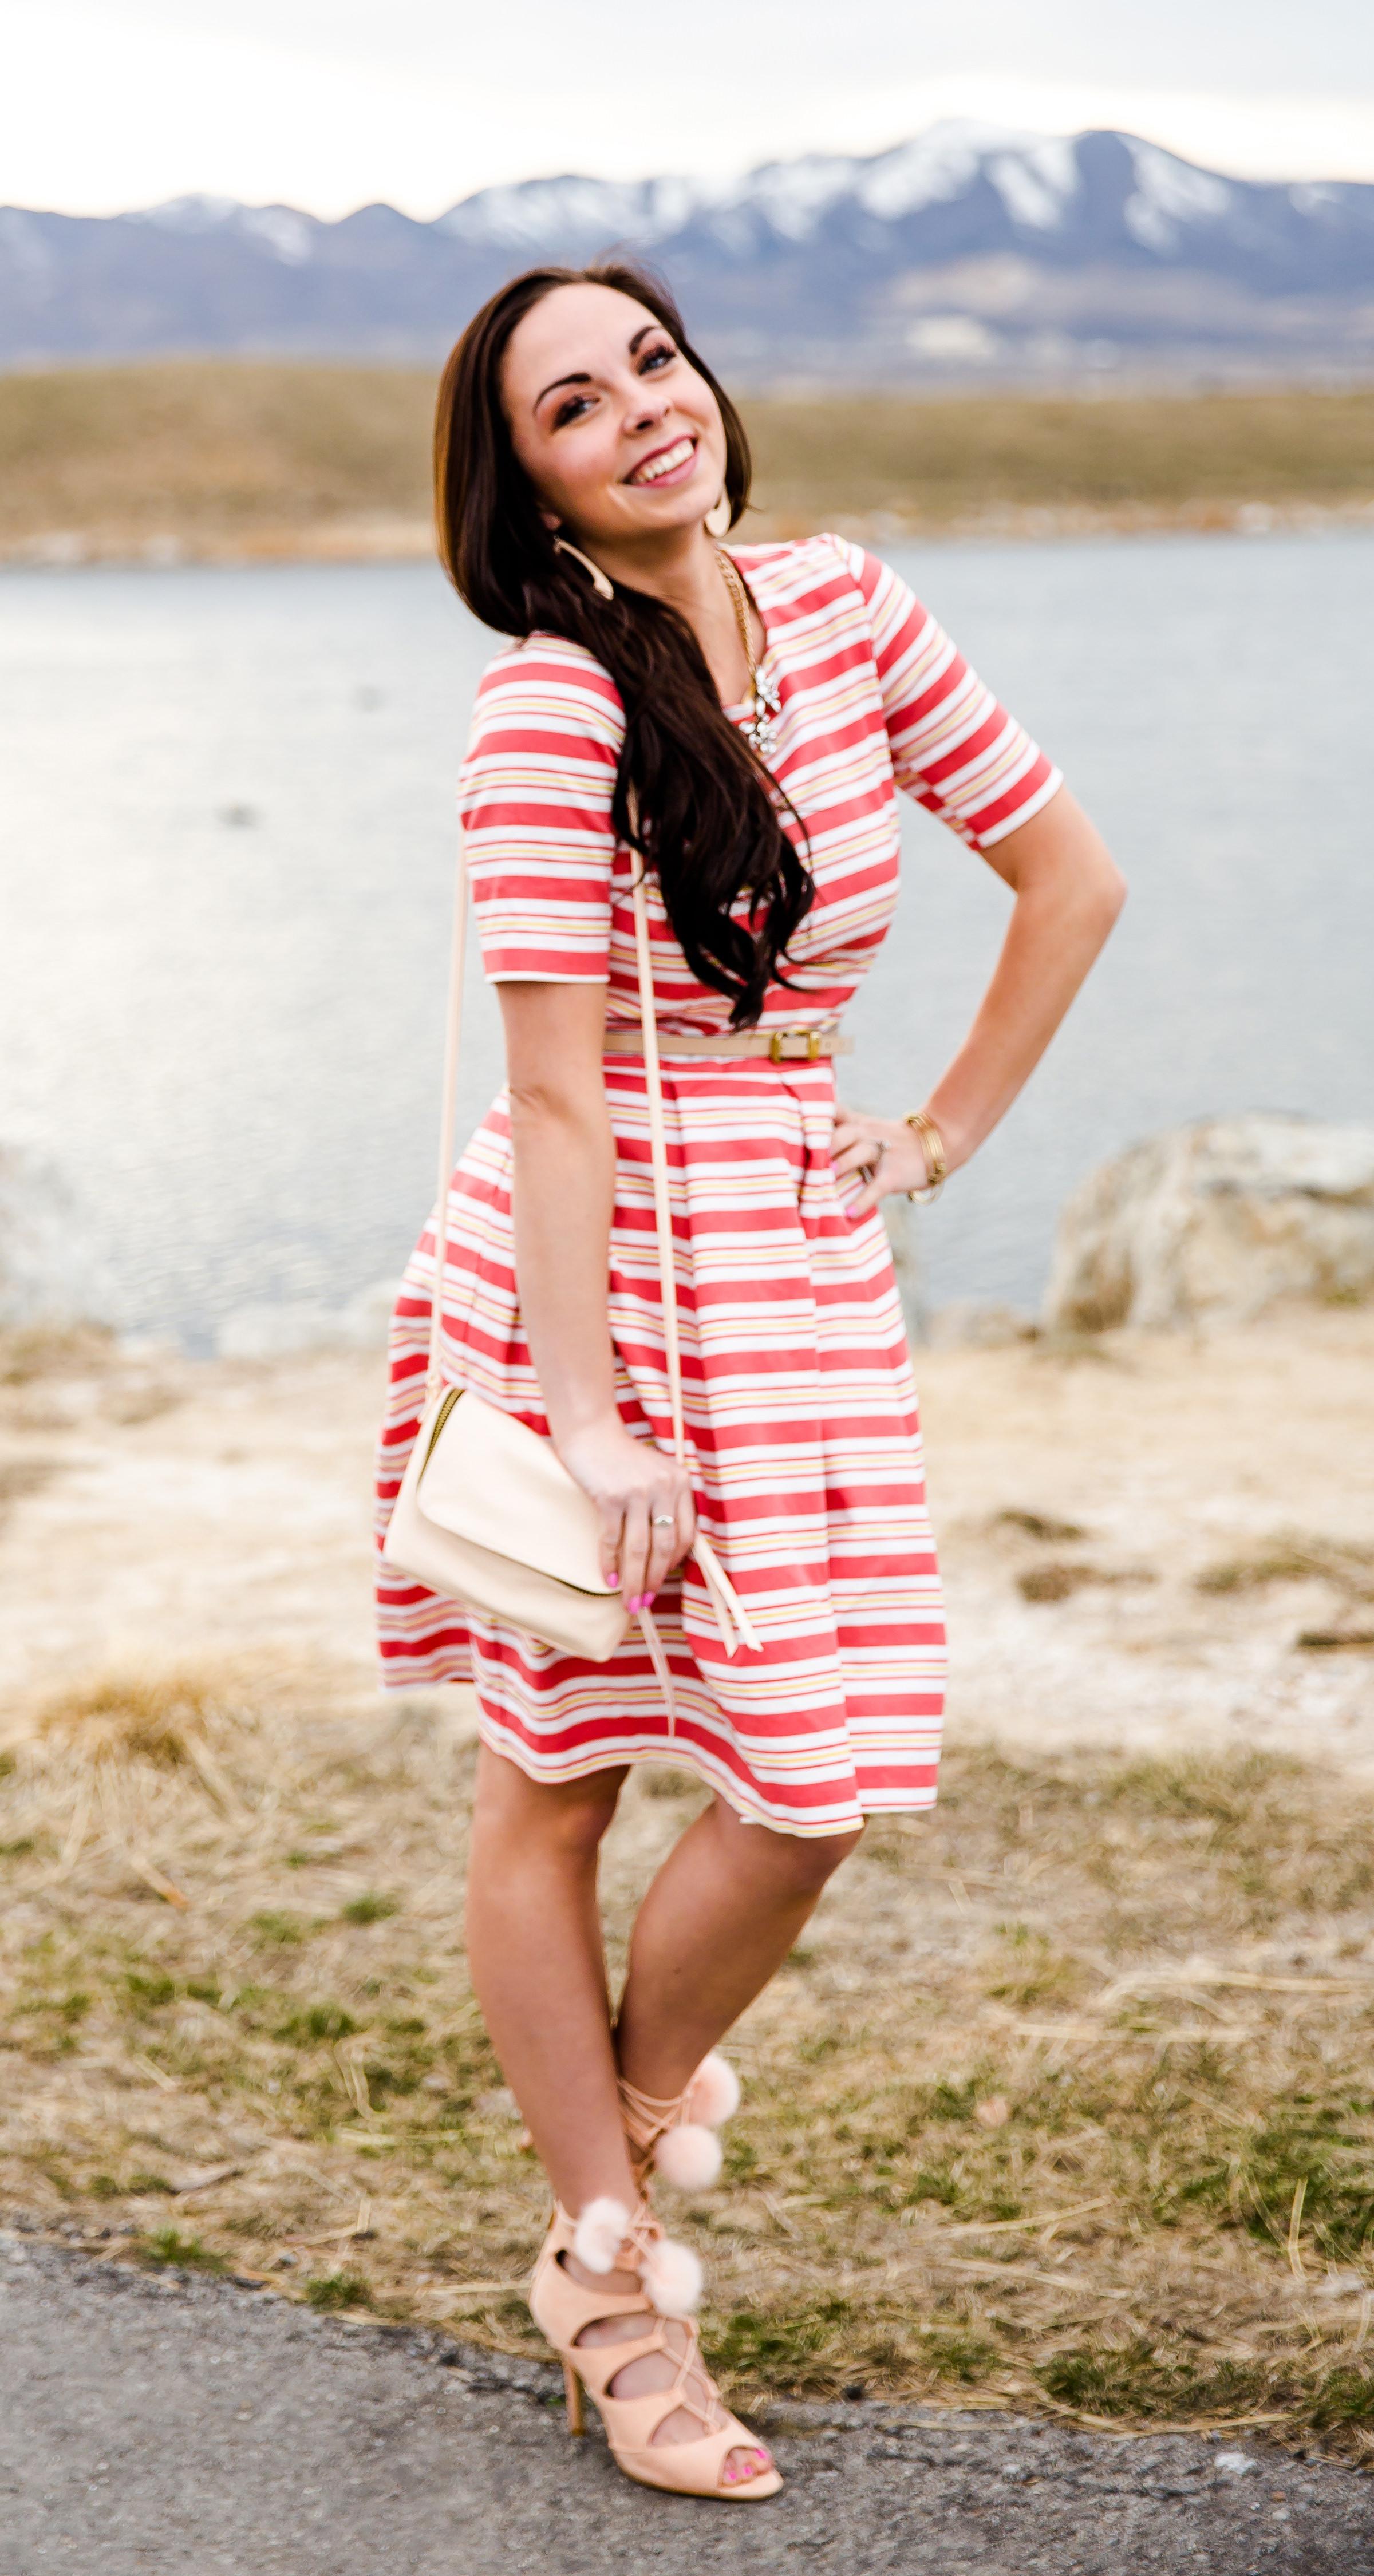 modest-goddess-modest-easter-dress-01-pinterestready